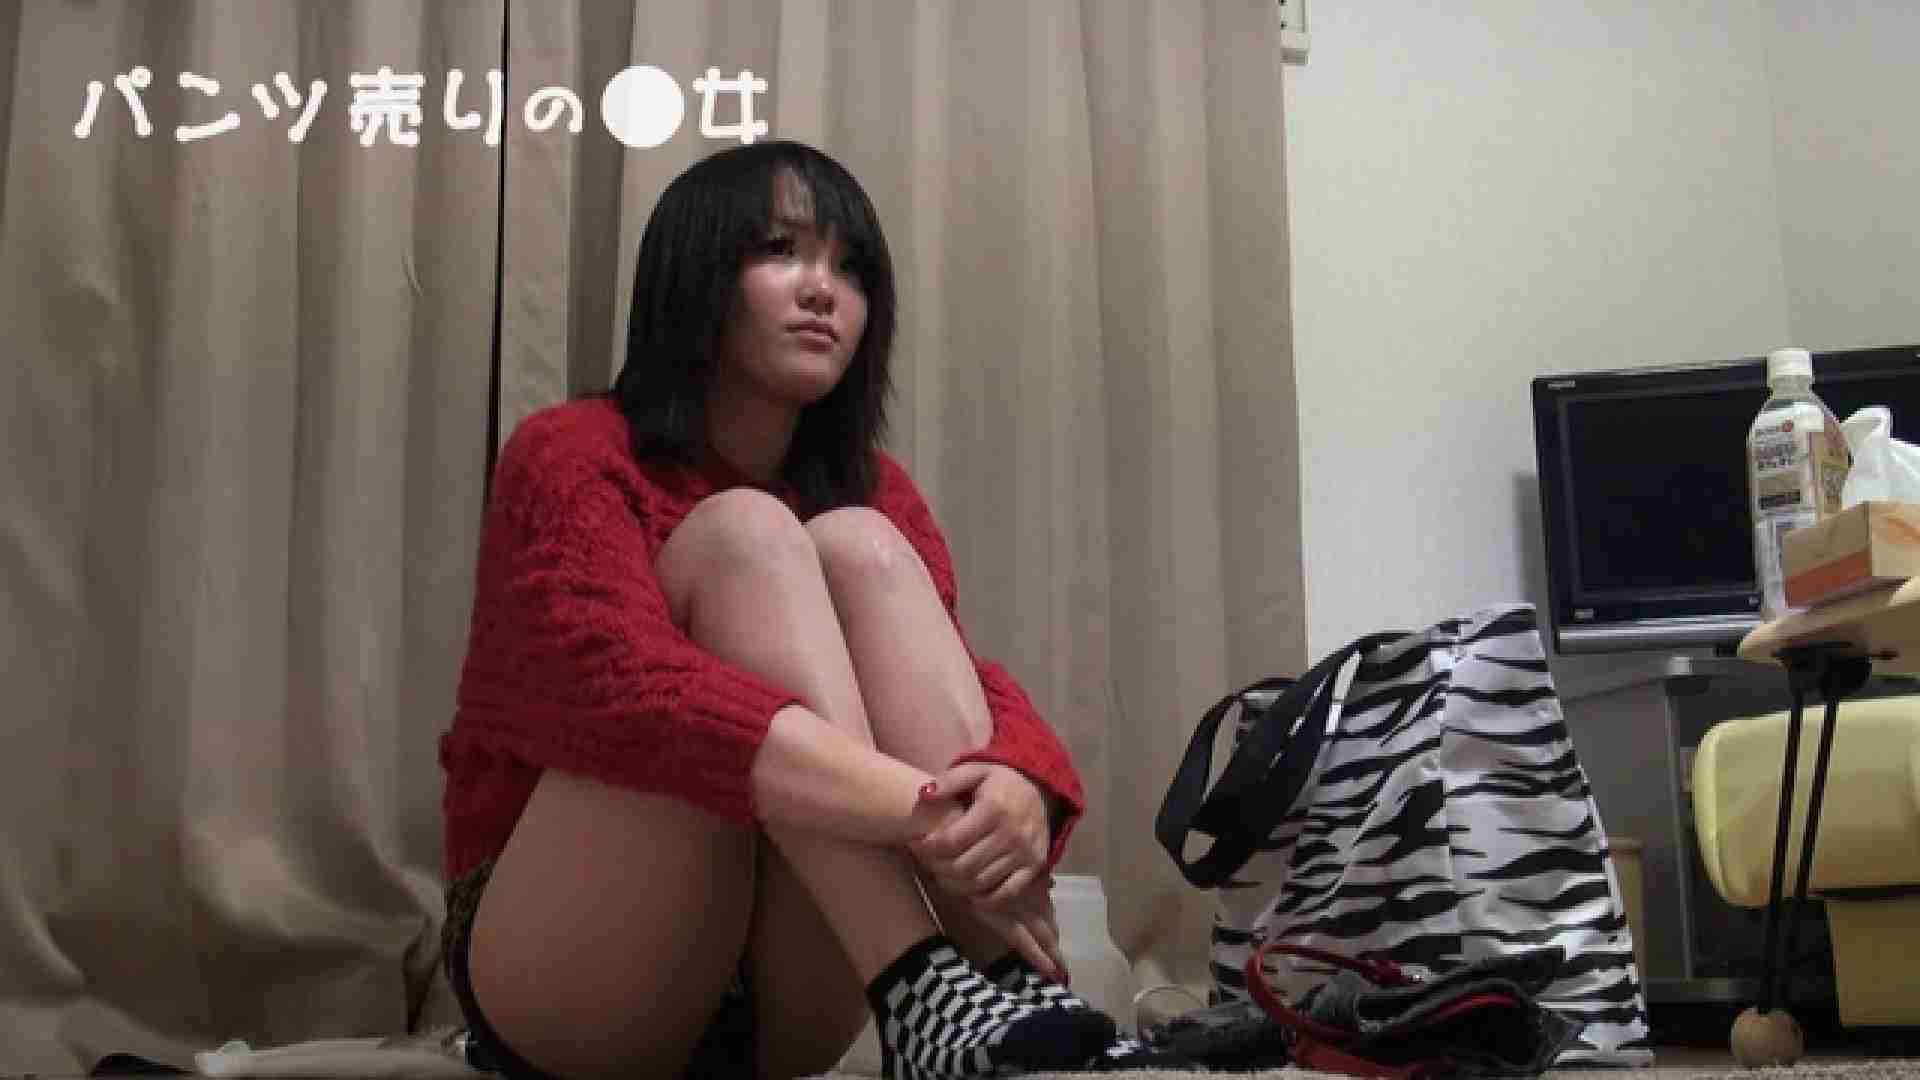 新説 パンツ売りの女の子mizuki パンツ  93pic 59